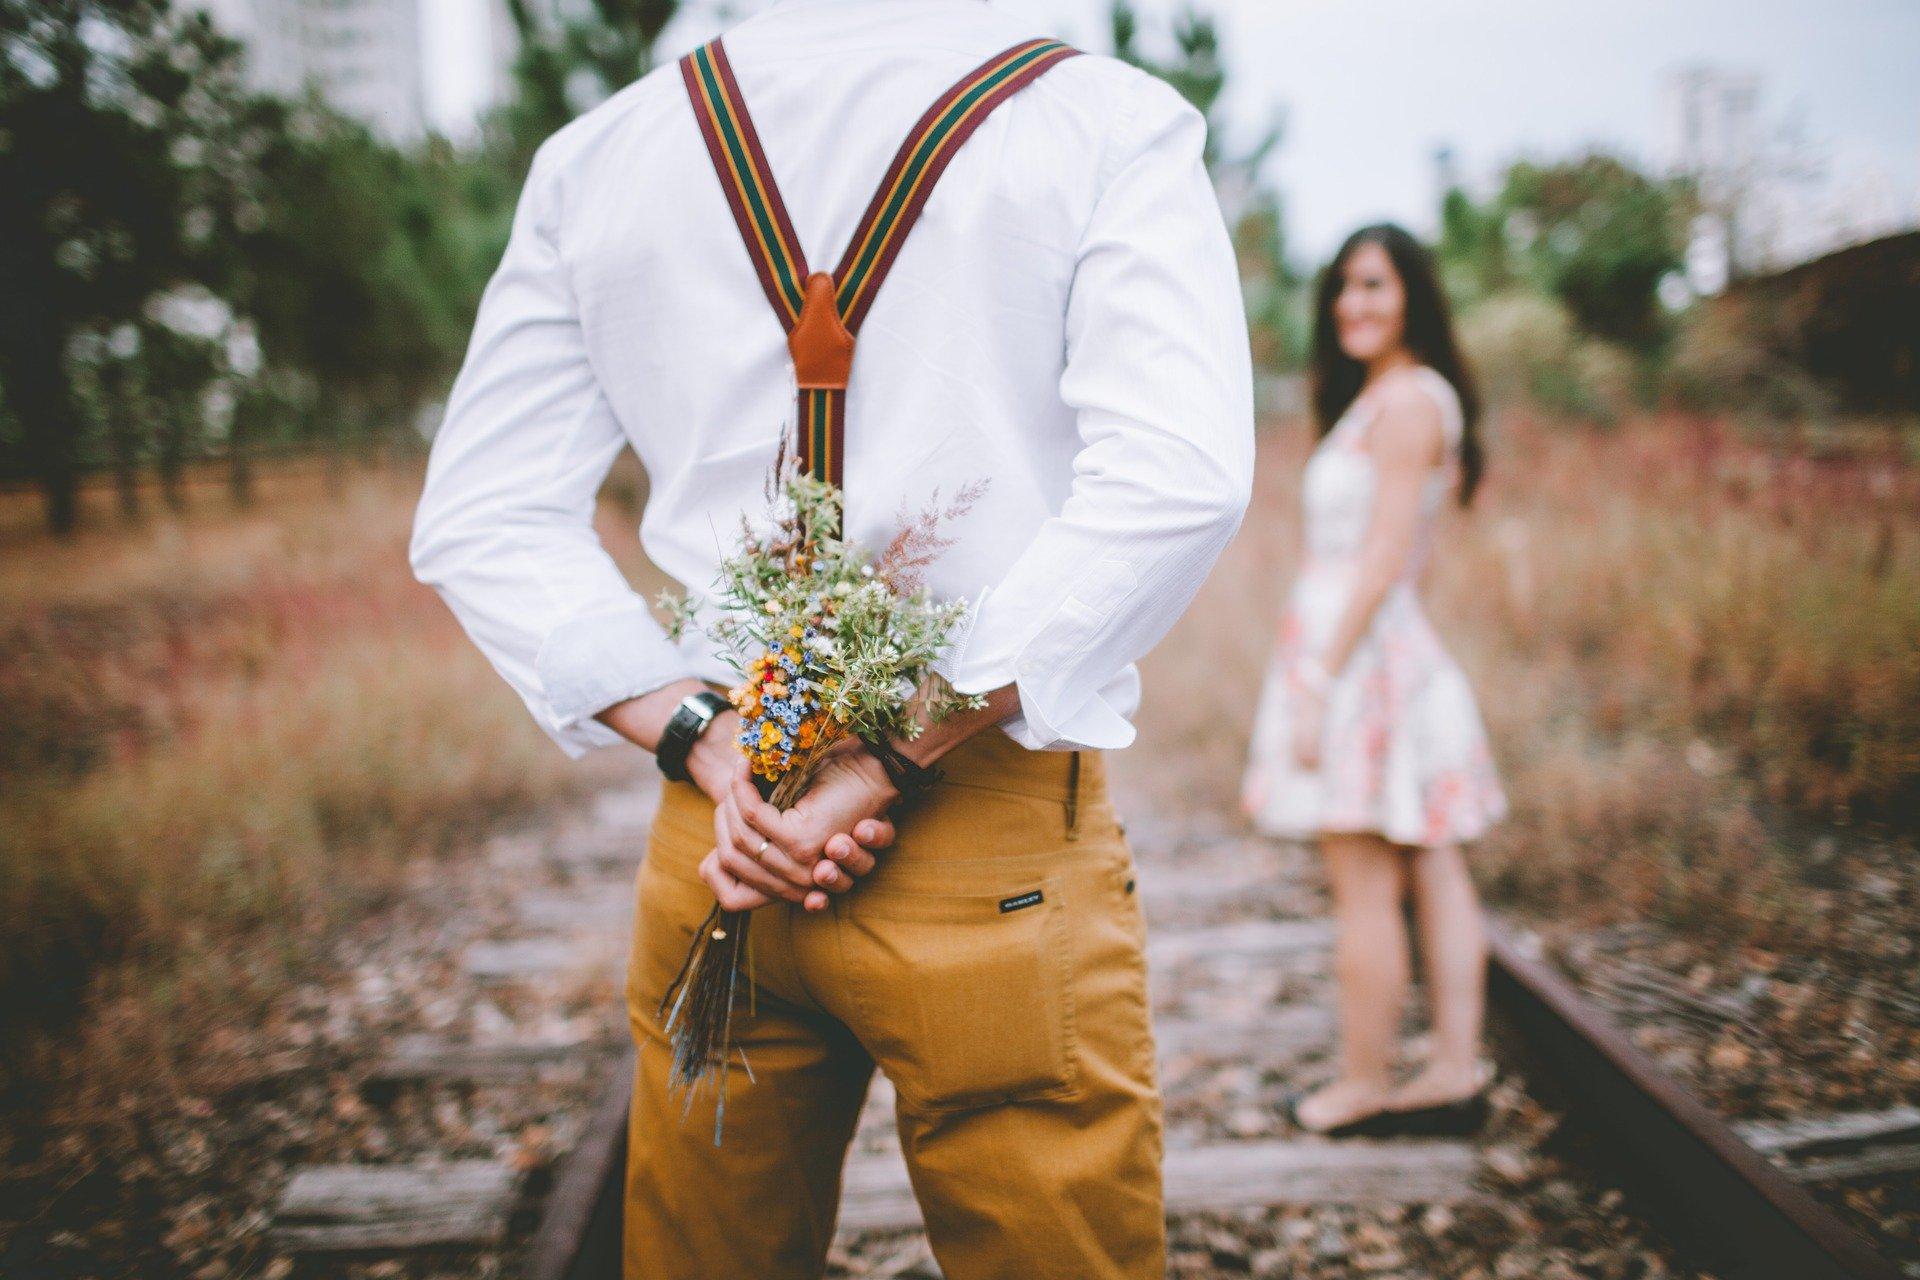 Mann Blumen Rücken für Frau